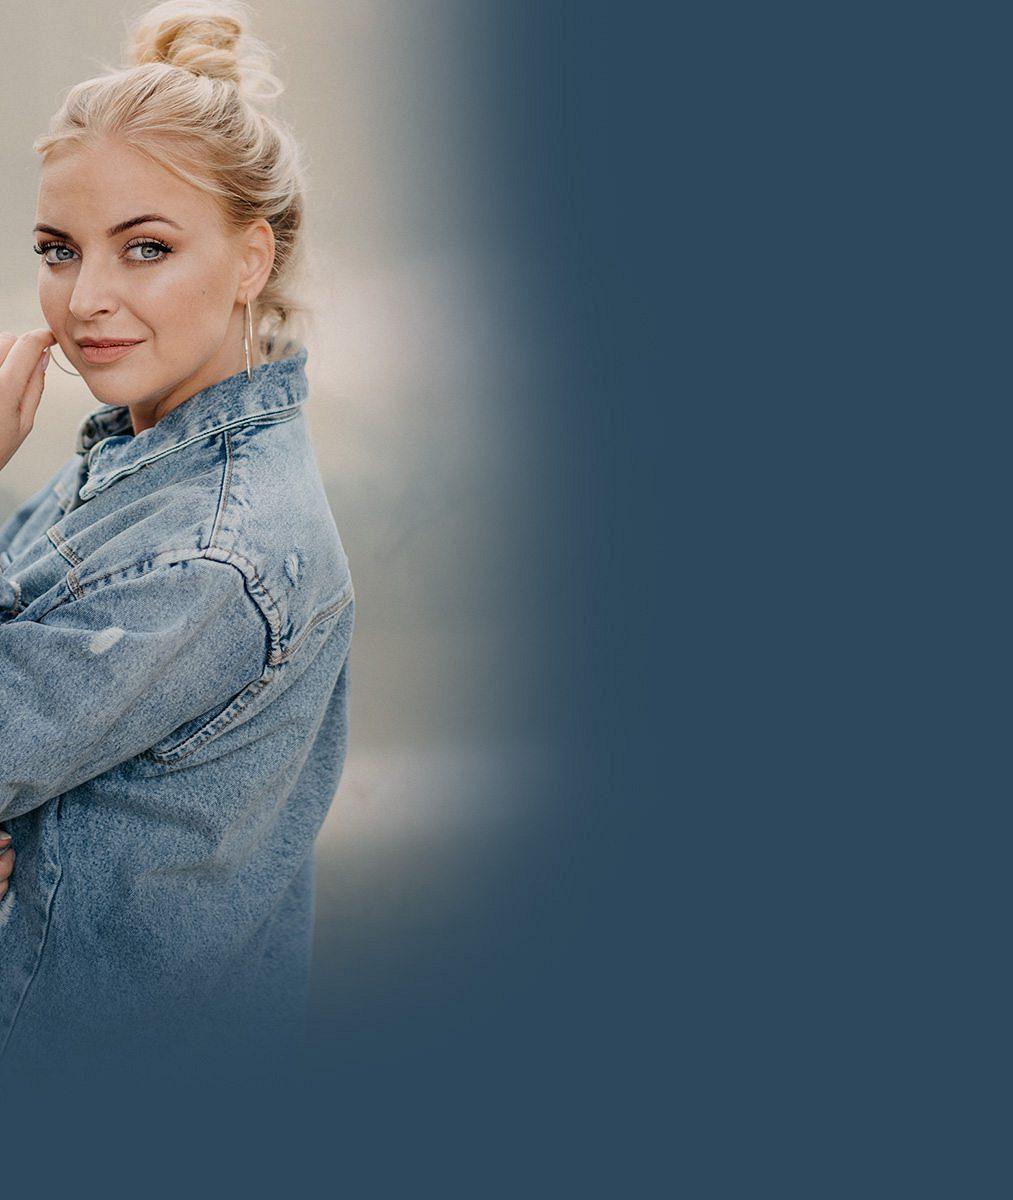 Vše do detailu sladěno amezi hosty celebrity: Podívejte se, jak Markéta Konvičková slavila narozeniny dcery (1)